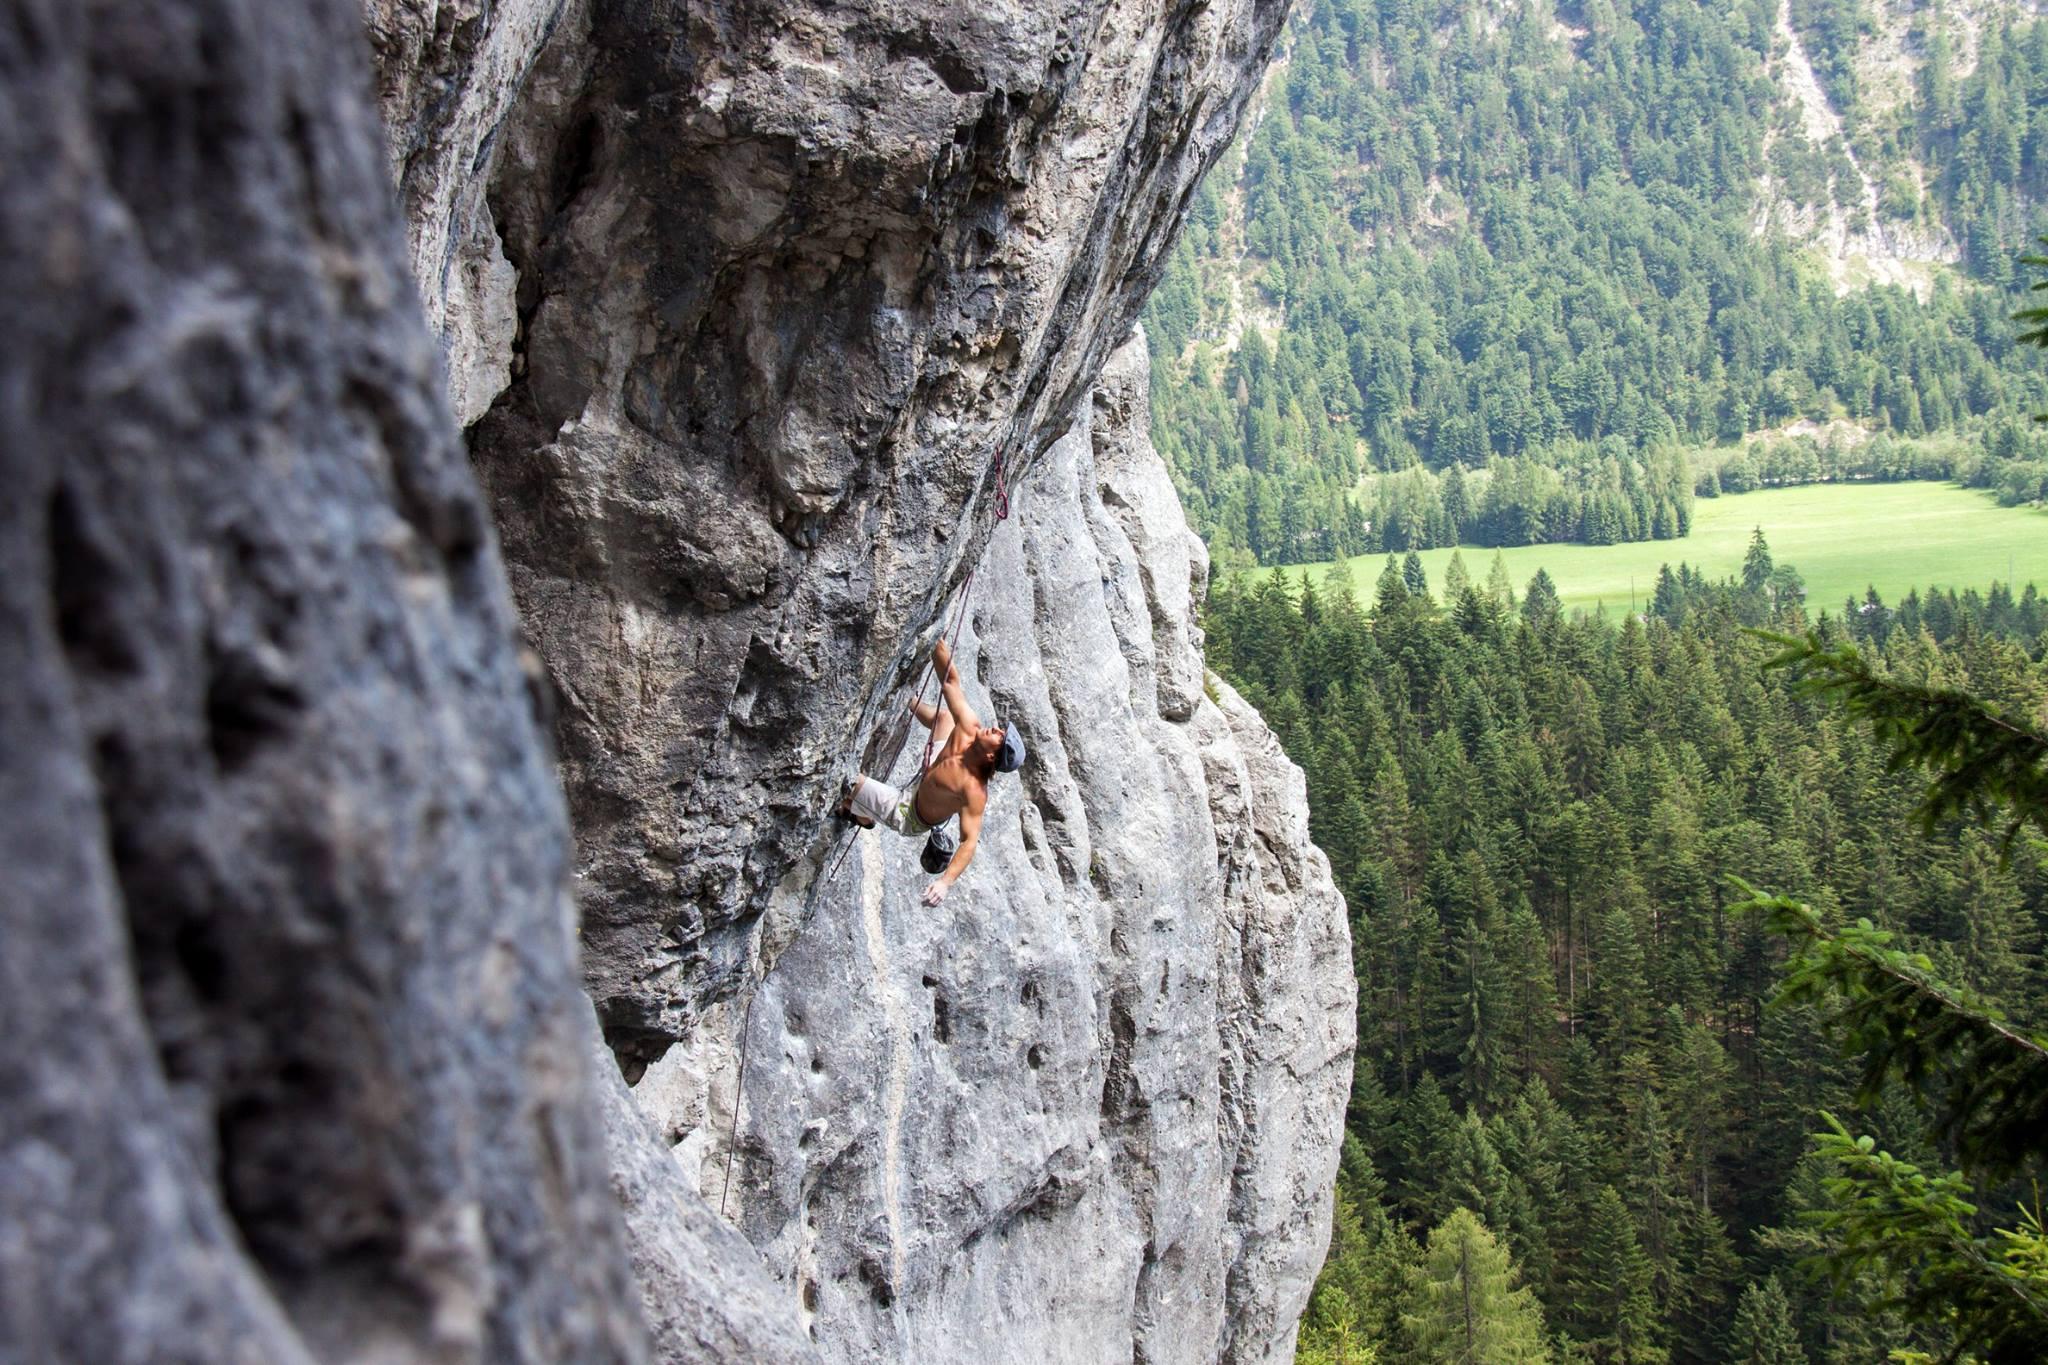 Klettergarten Chinesische Mauer, Bernie Ruech in Puls 2000 (7c+)